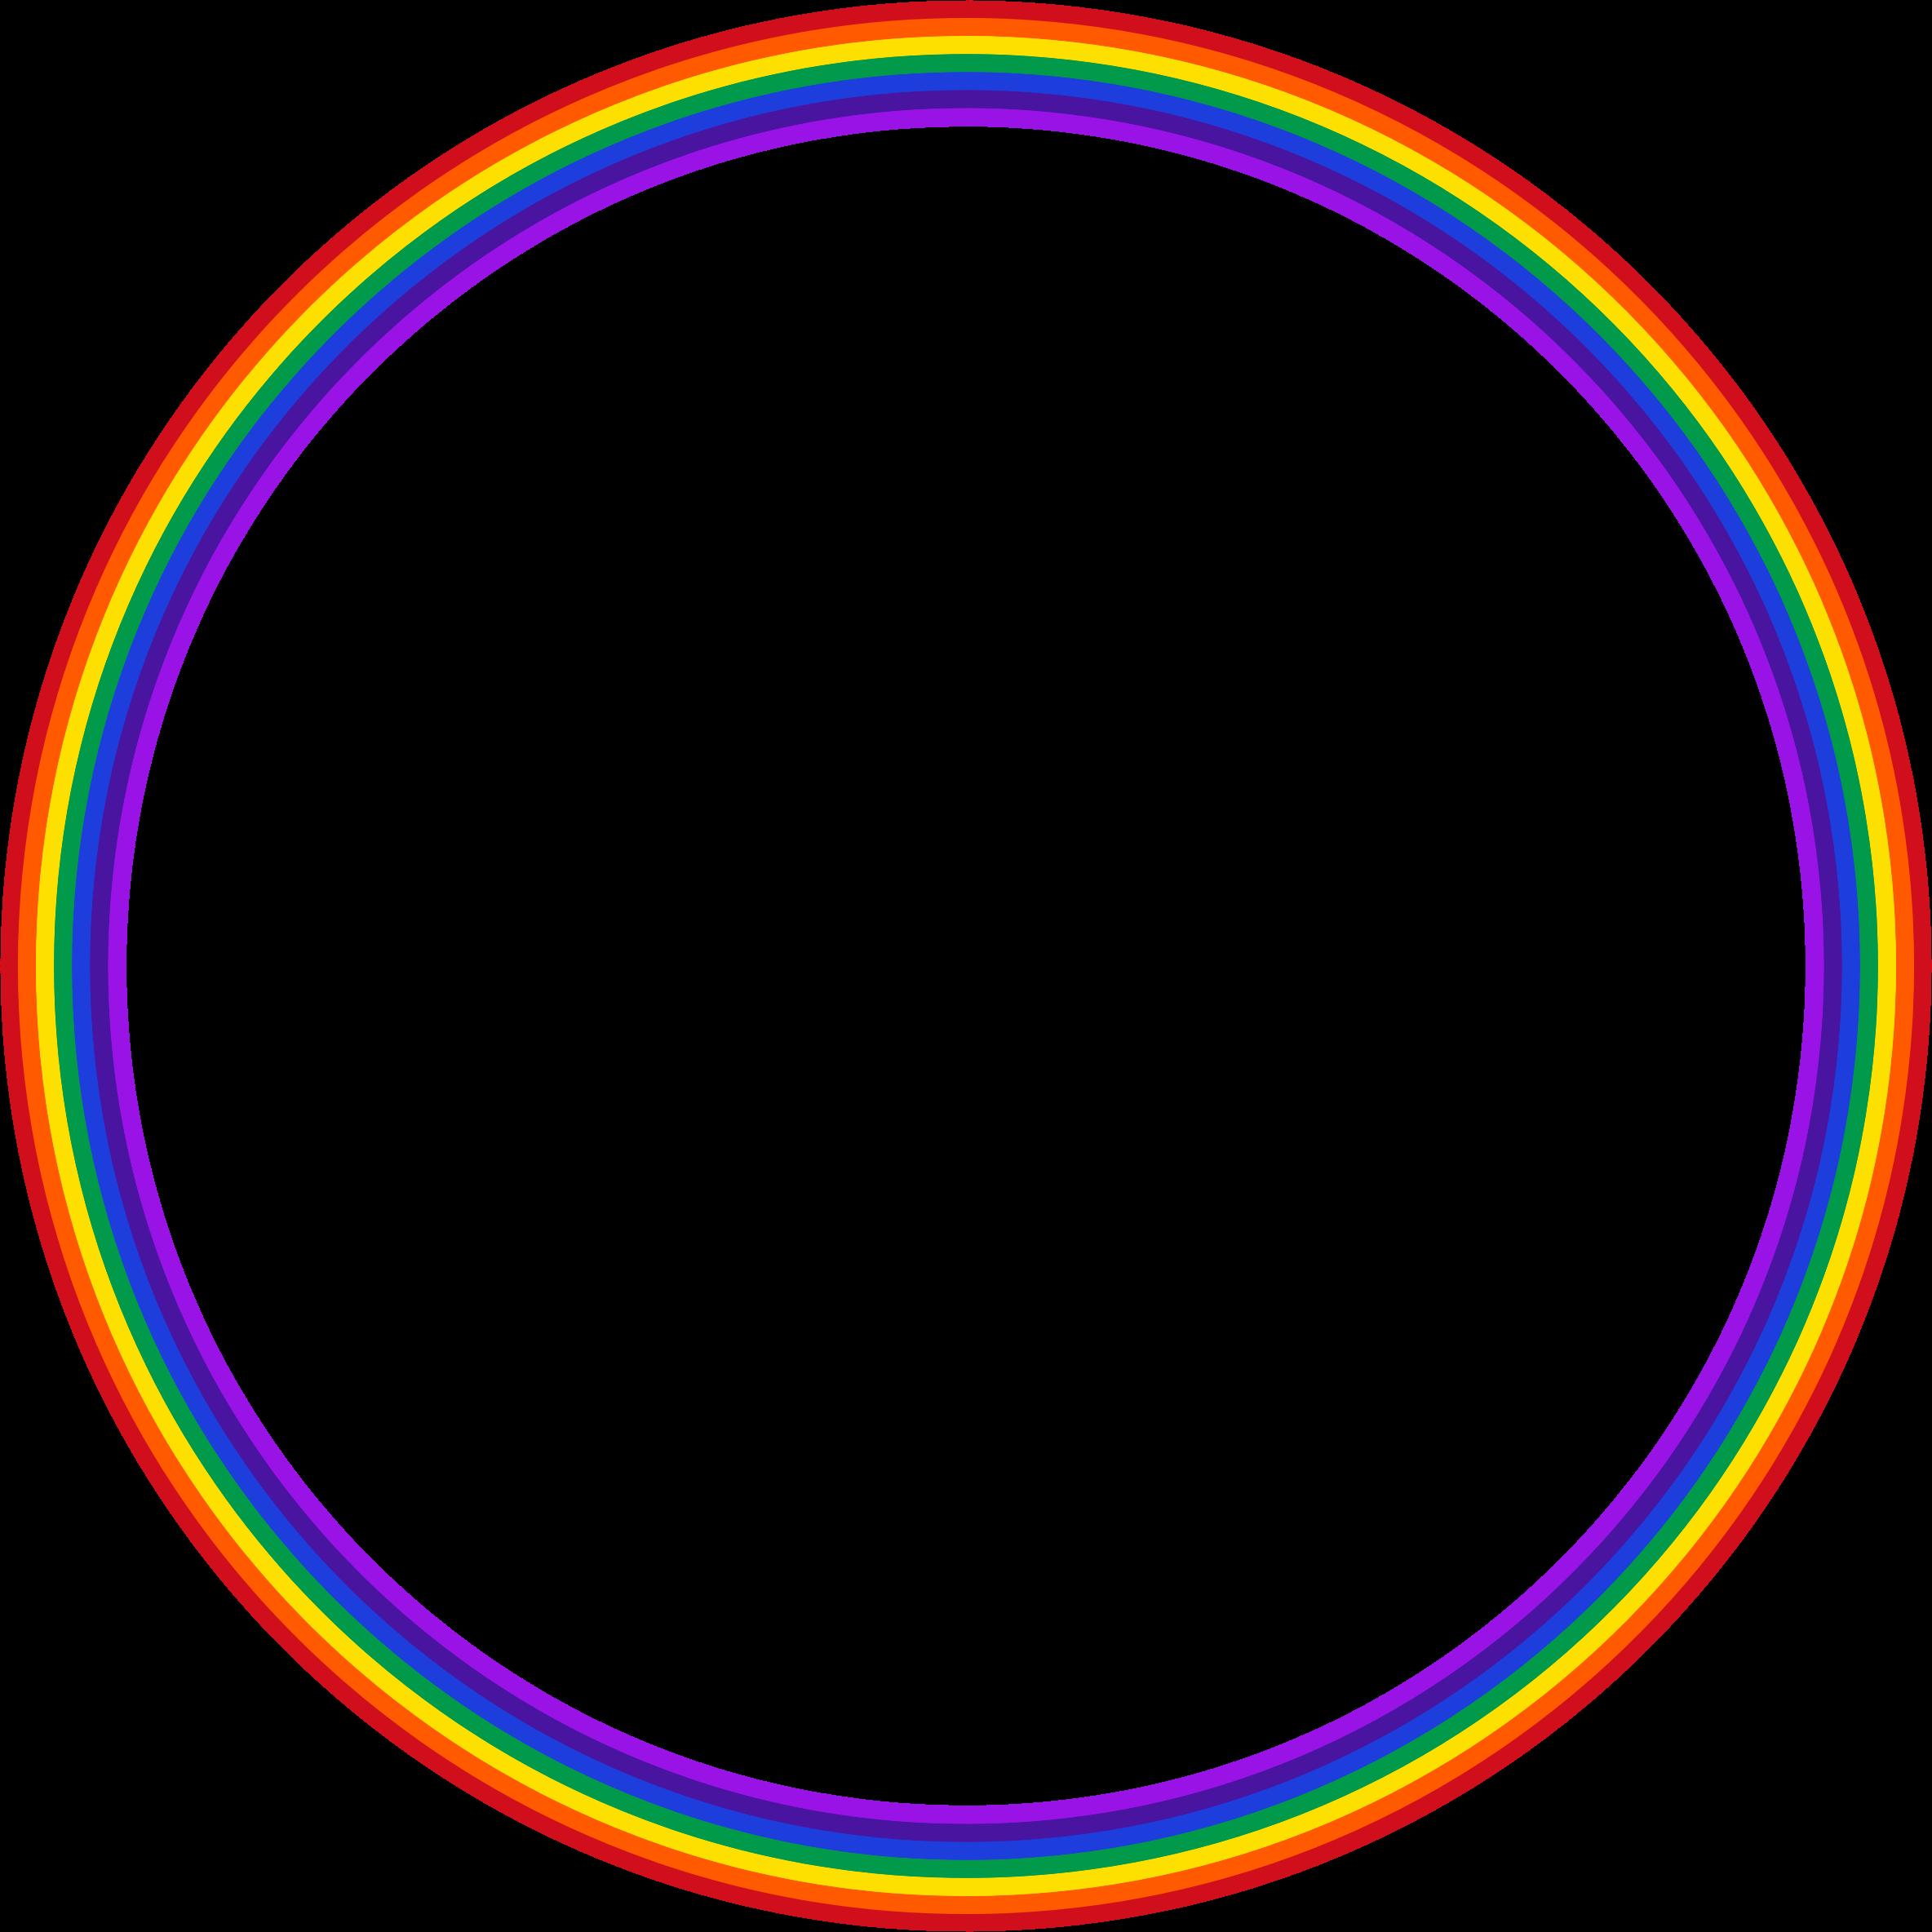 Clipart circle circle shape. Rainbow big image png